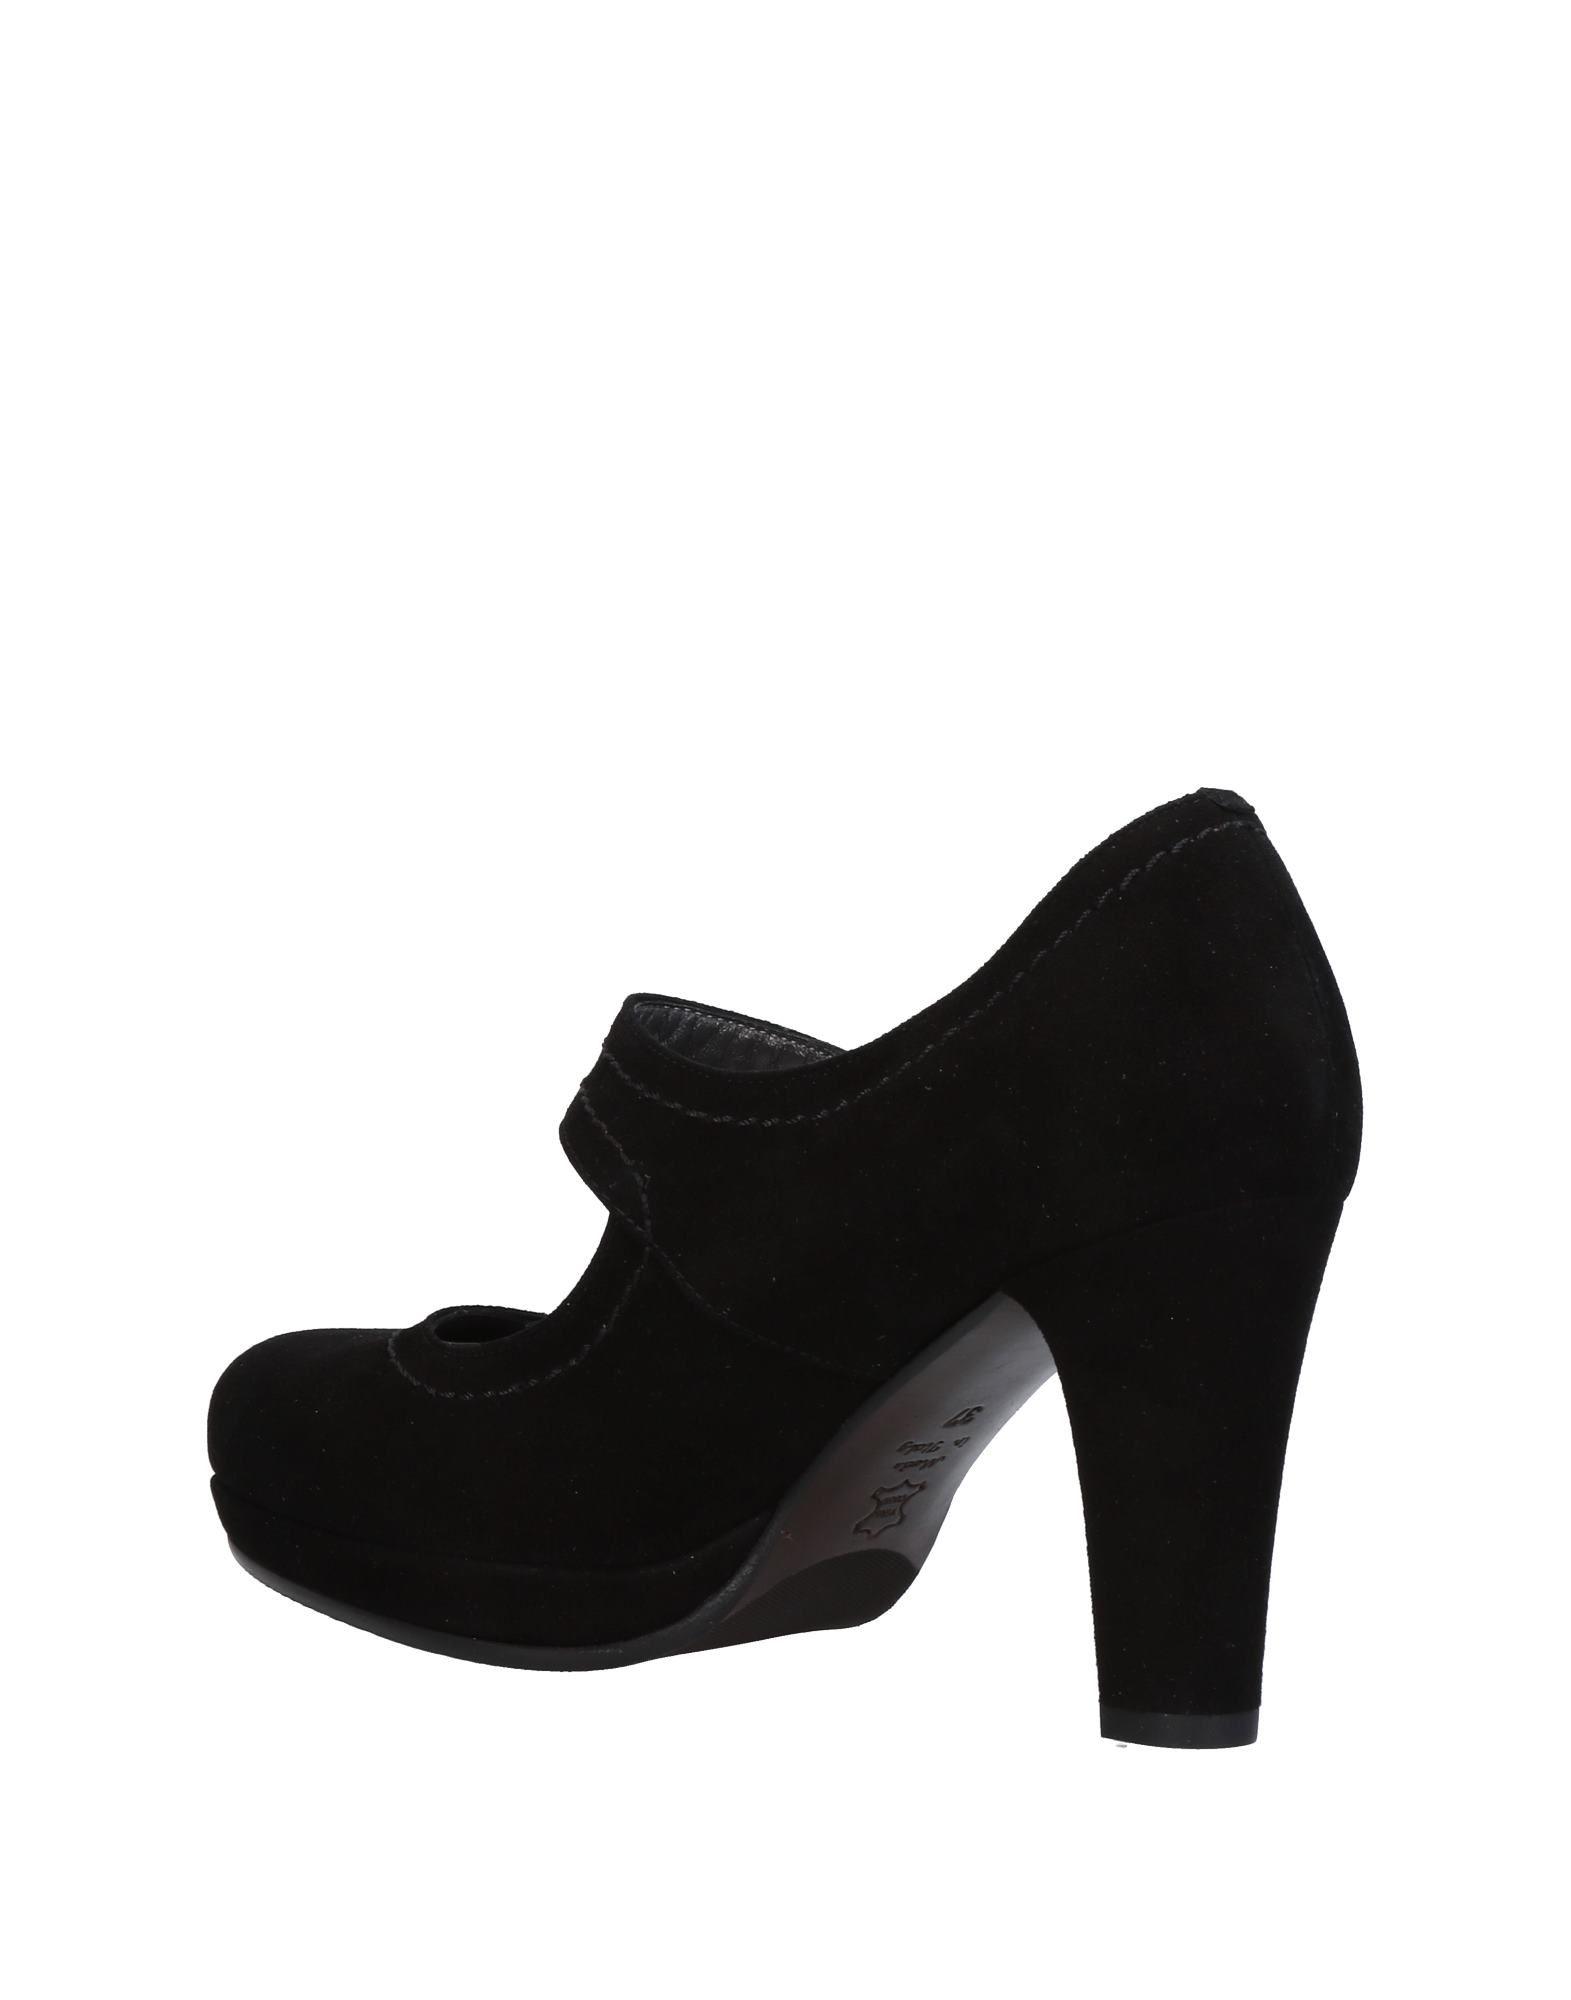 Calpierre Pumps Damen Gute  11459138XX Gute Damen Qualität beliebte Schuhe 75de9c